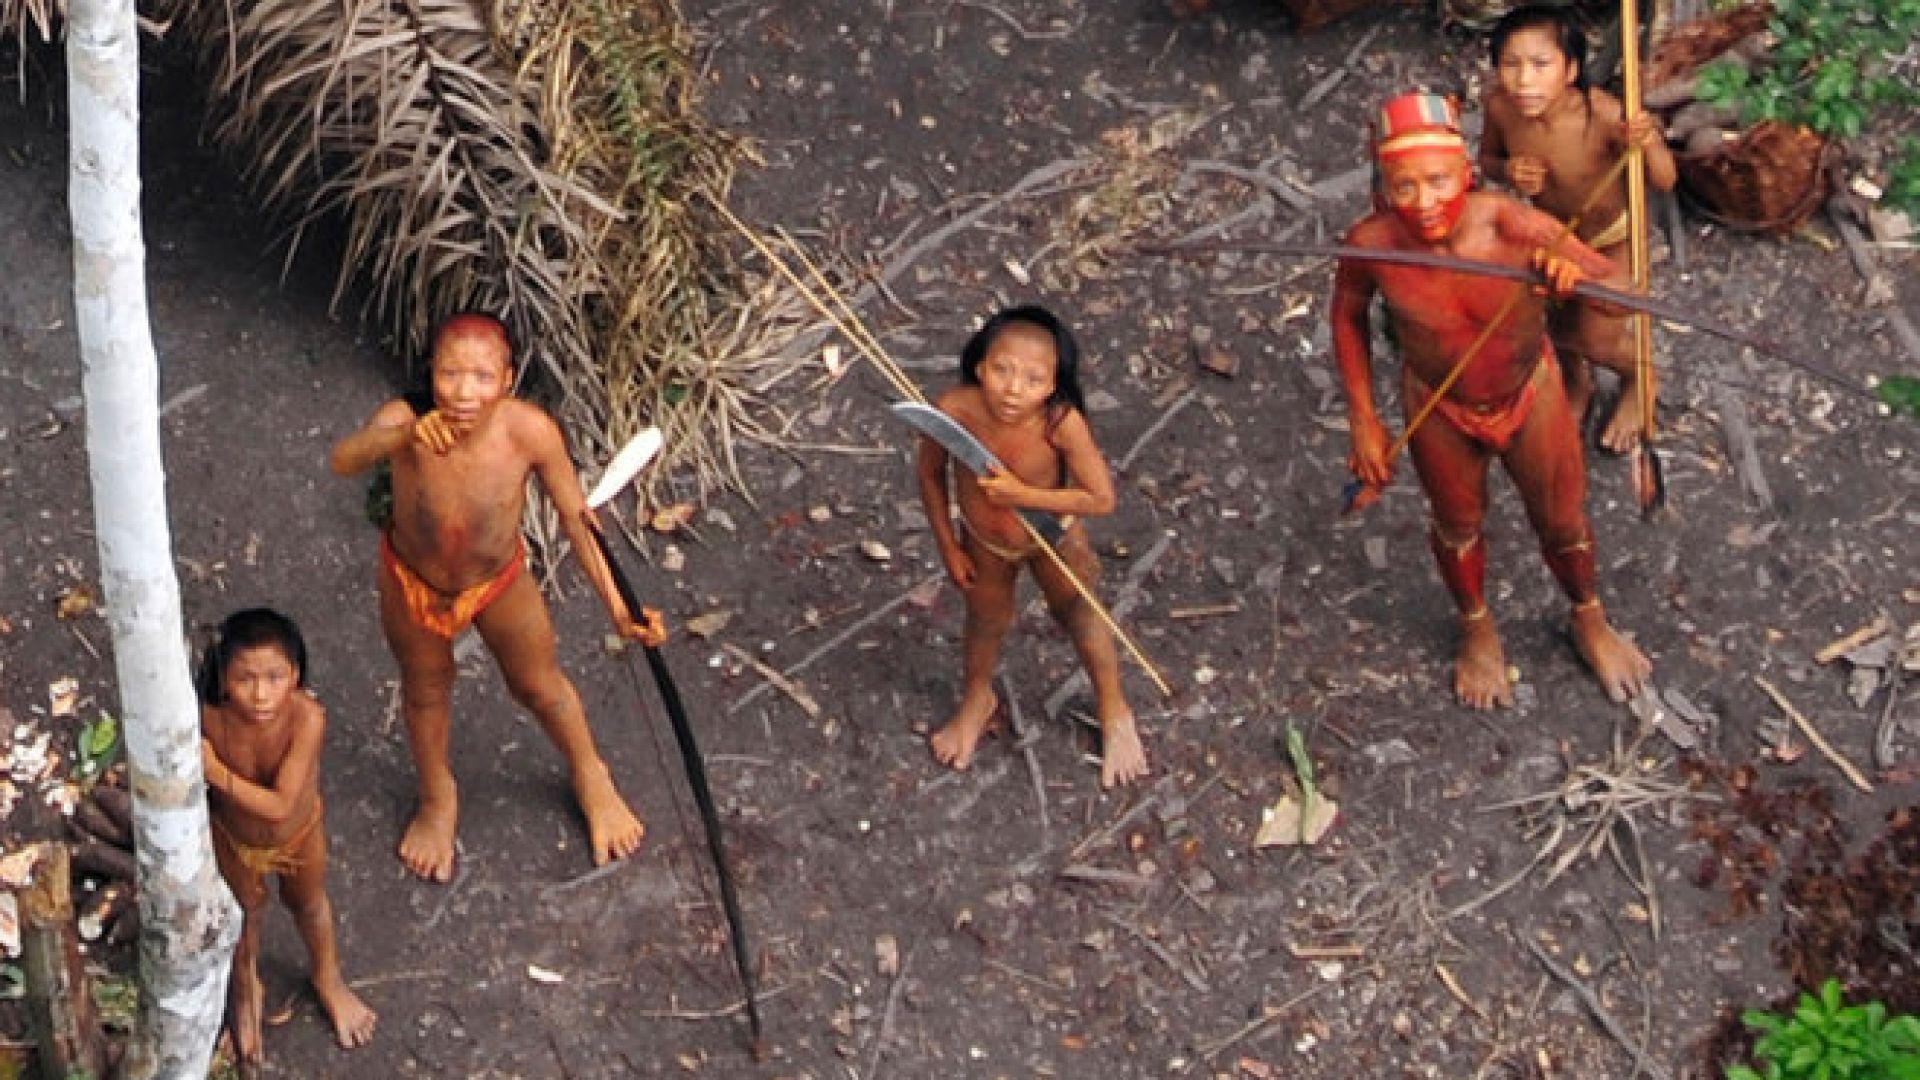 Заснеха за пръв път изолирано племе